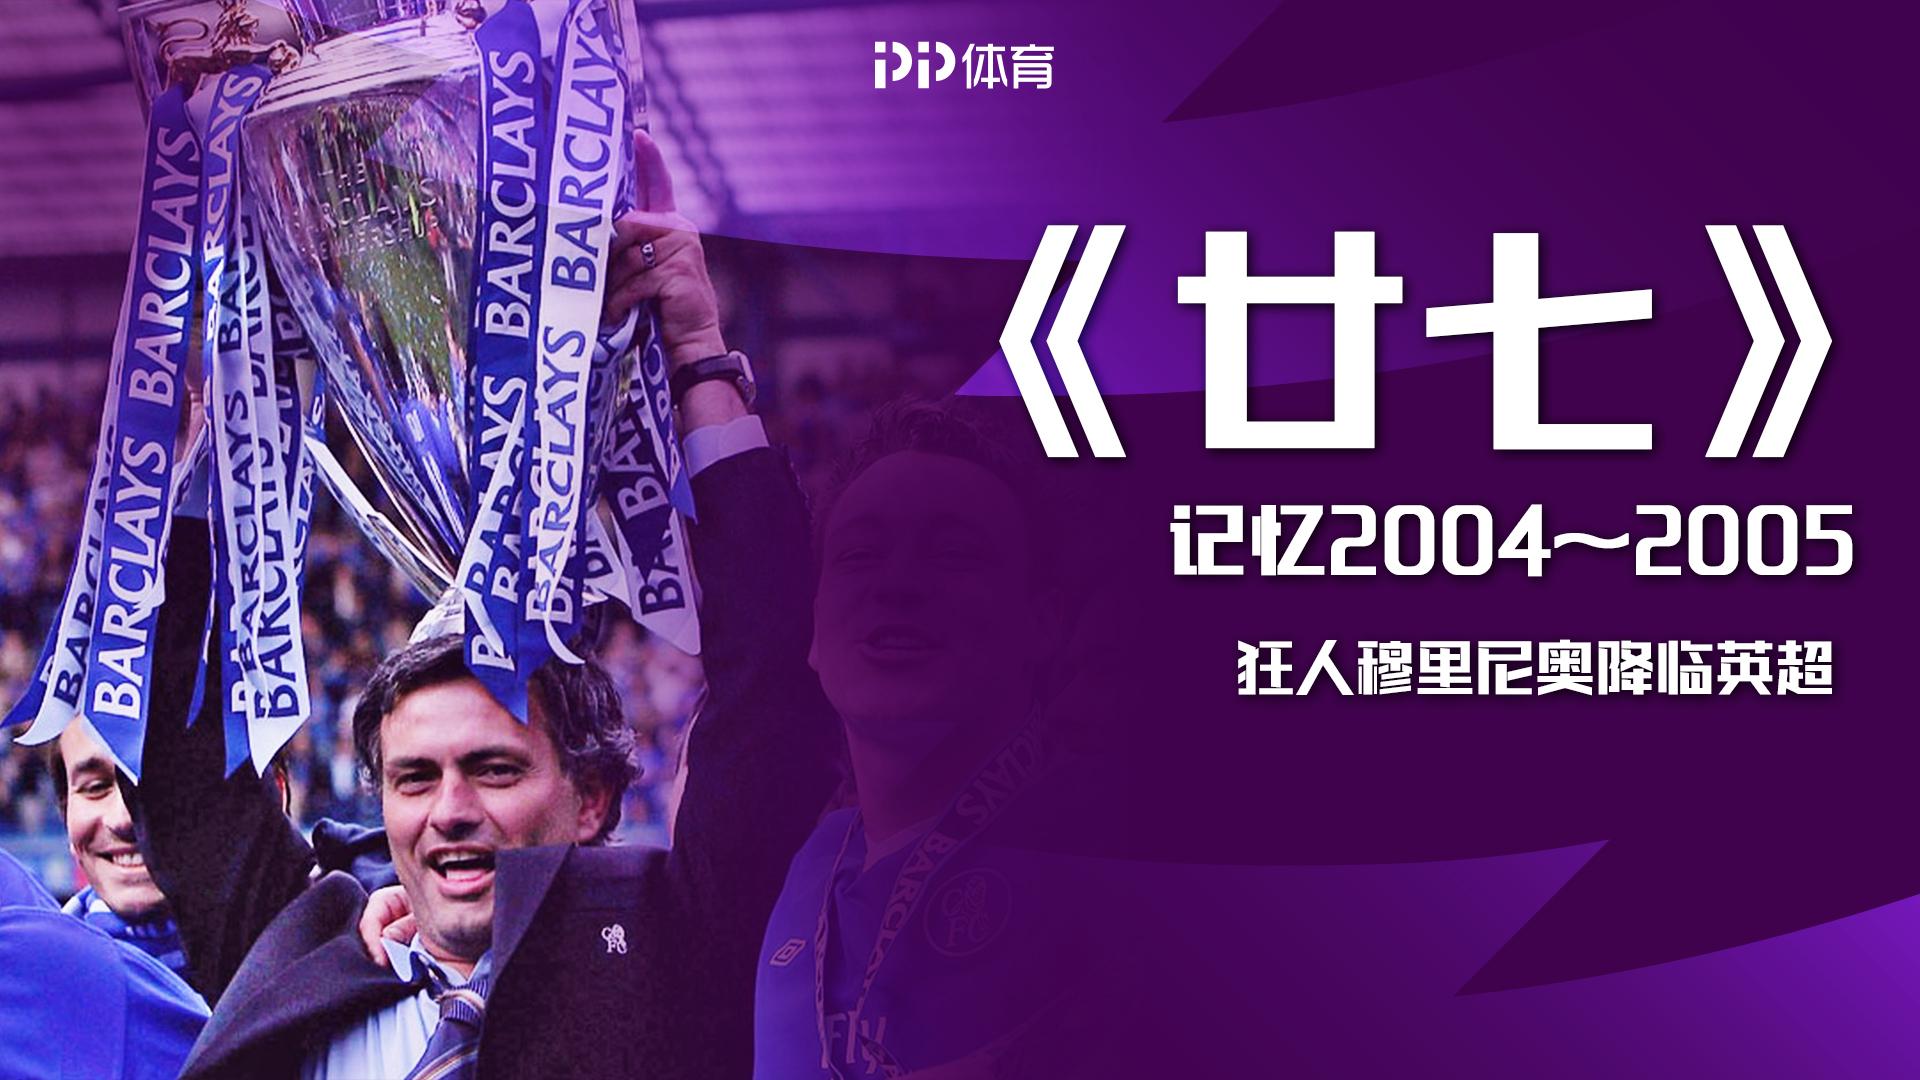 《廿七》第13期:special one降临英超 赛季3神迹碾压夺冠